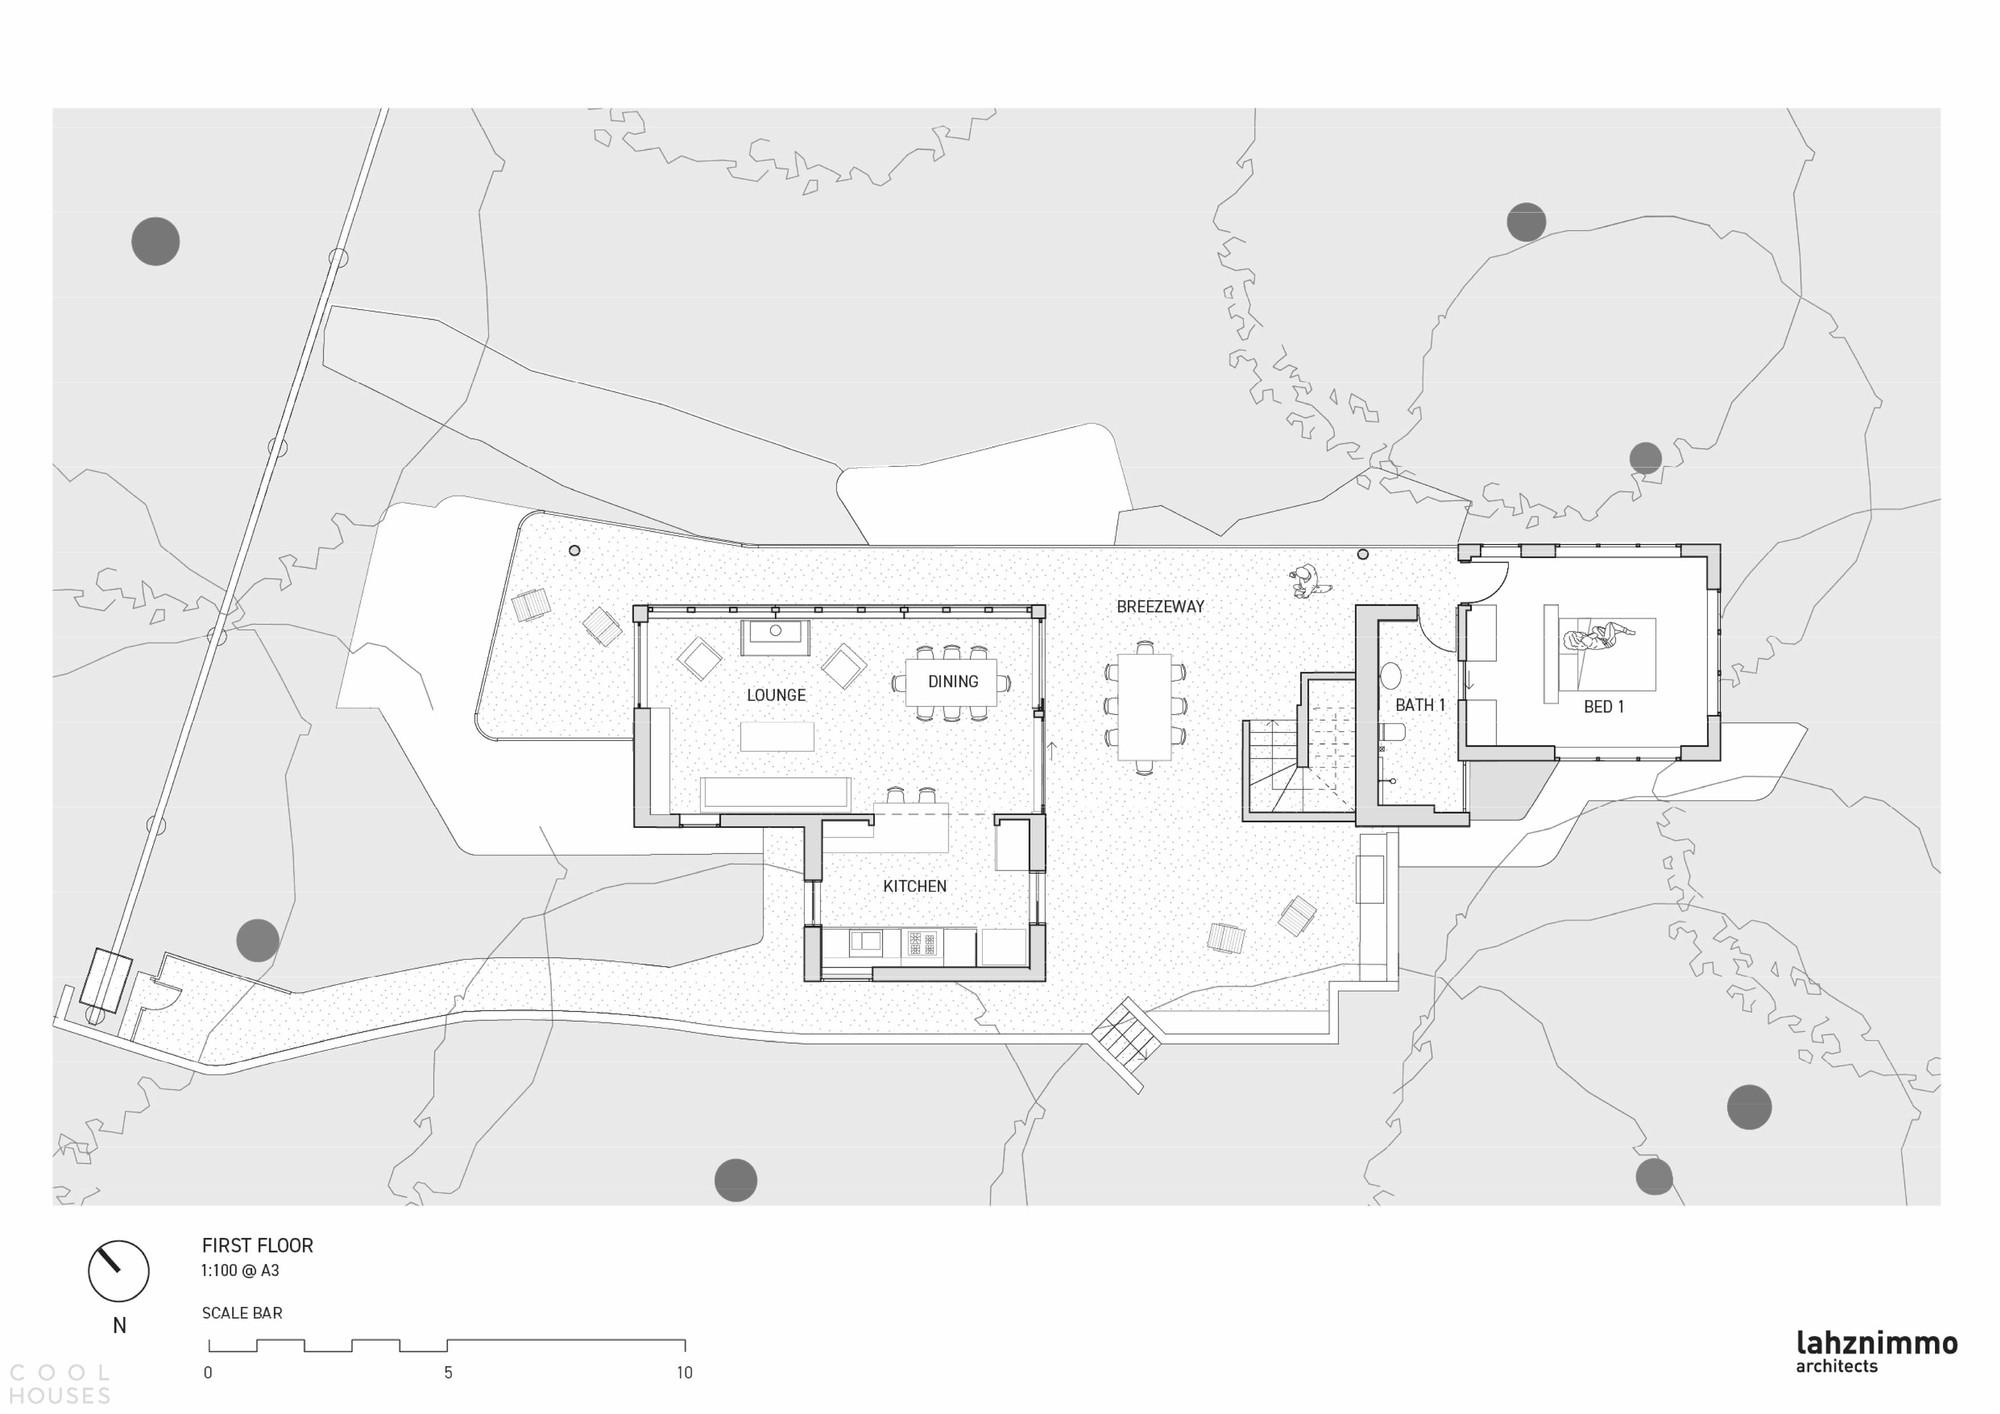 Загородный дом со сдержанным дизайном, сочетающим красоту и прочность